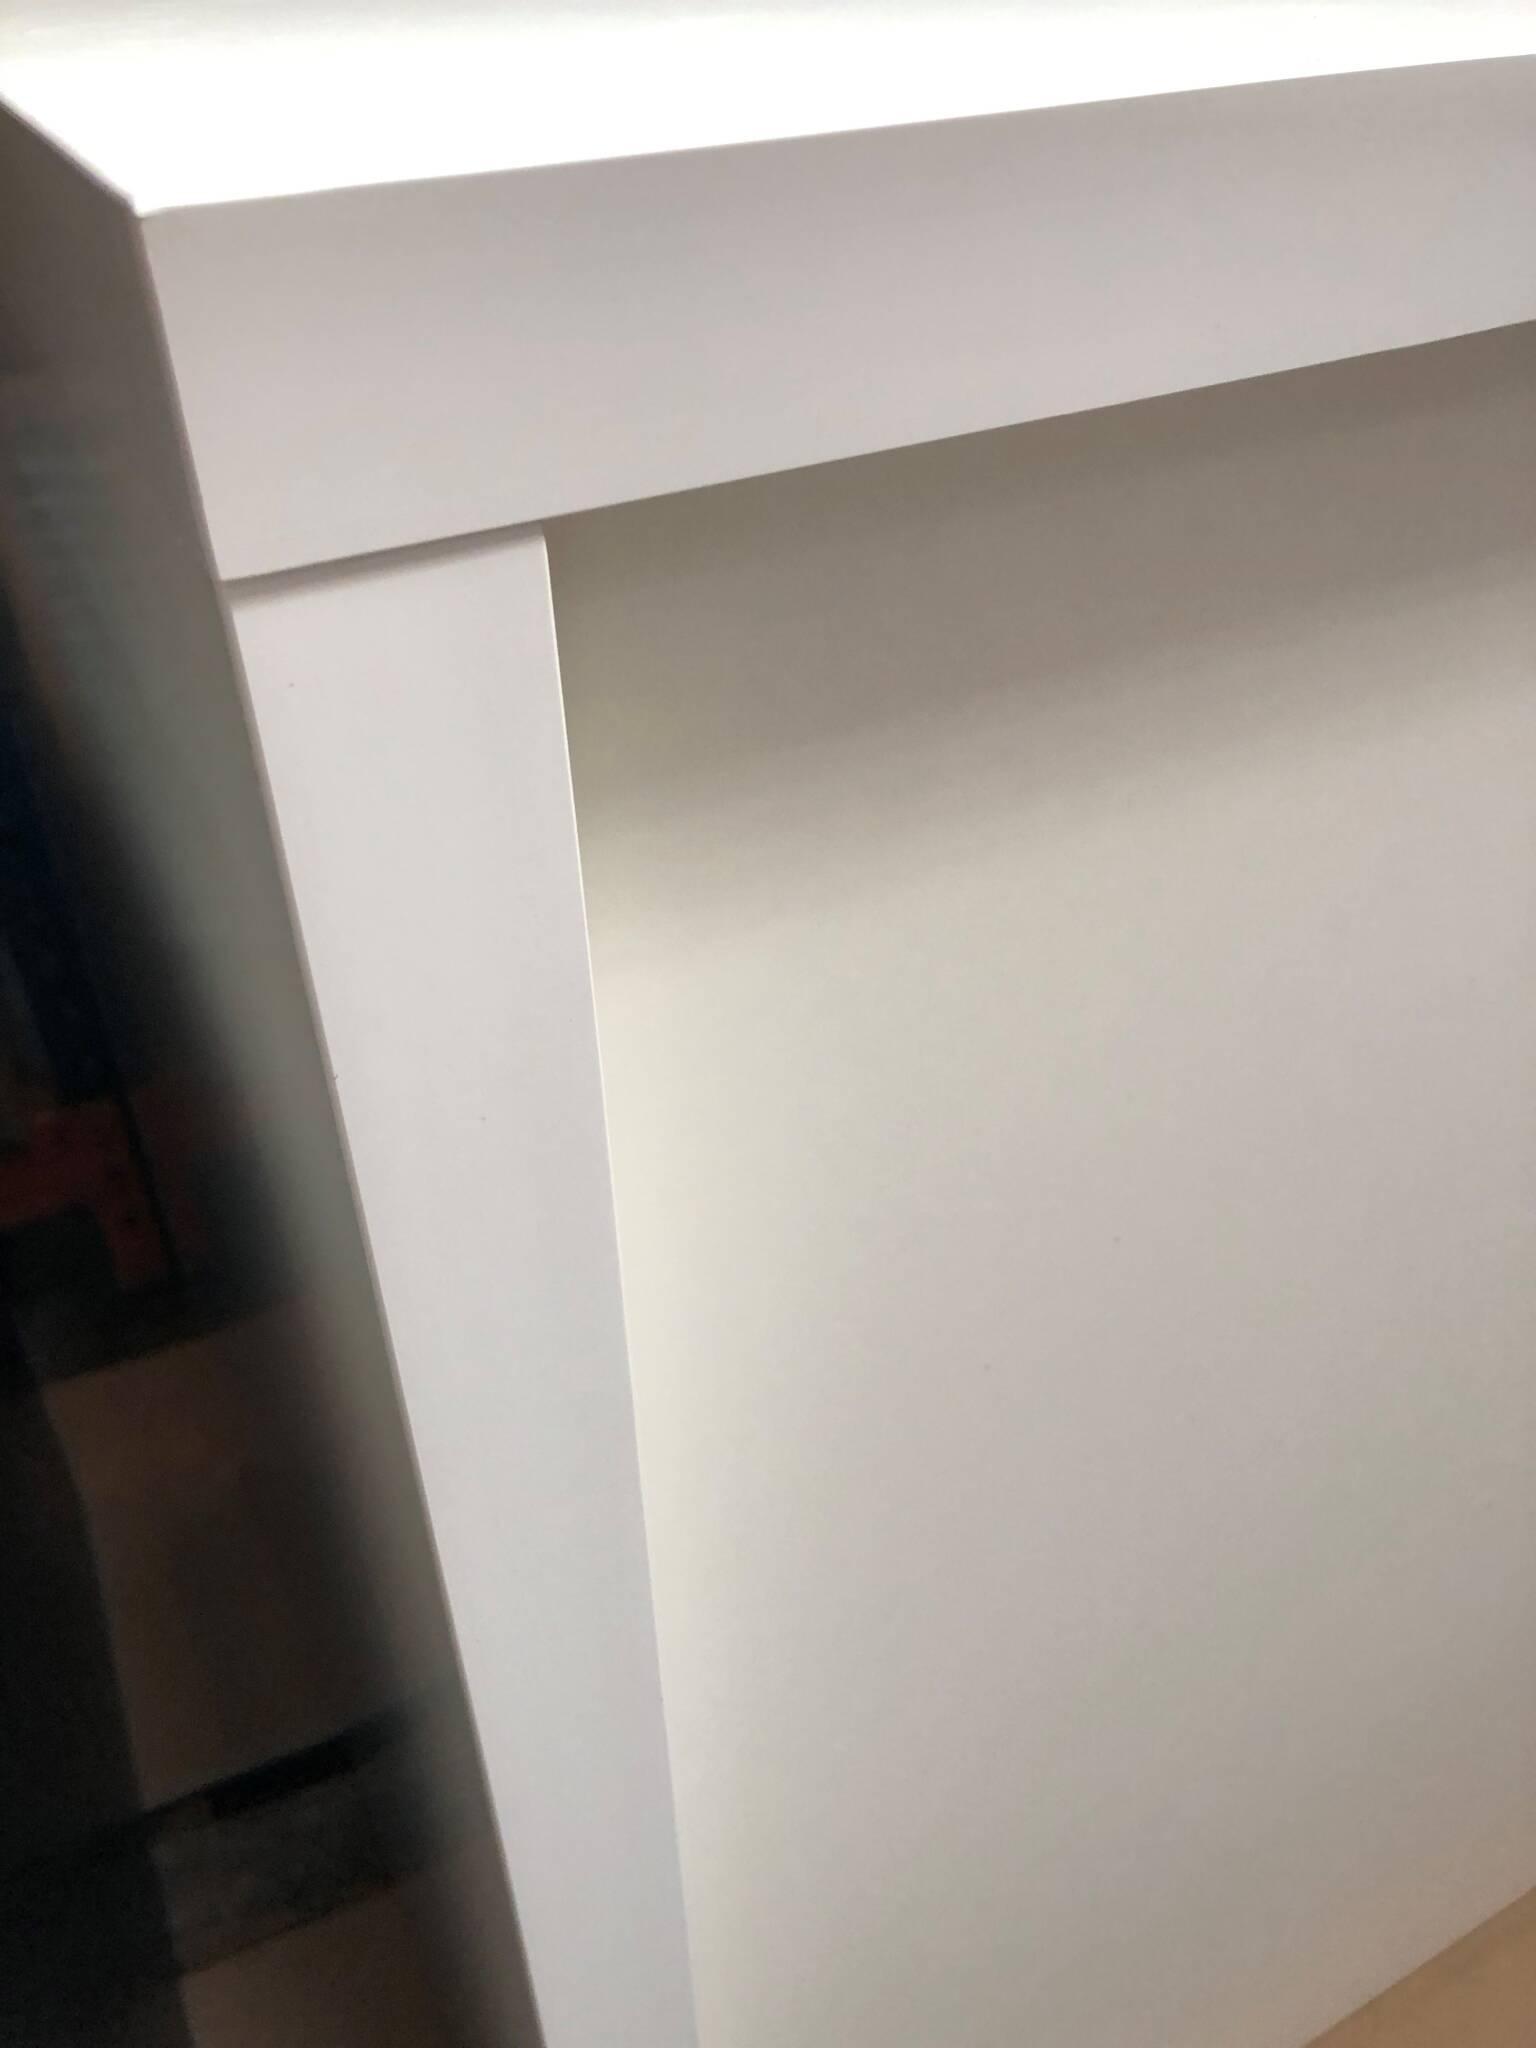 Hvid butiksdisk - detalje